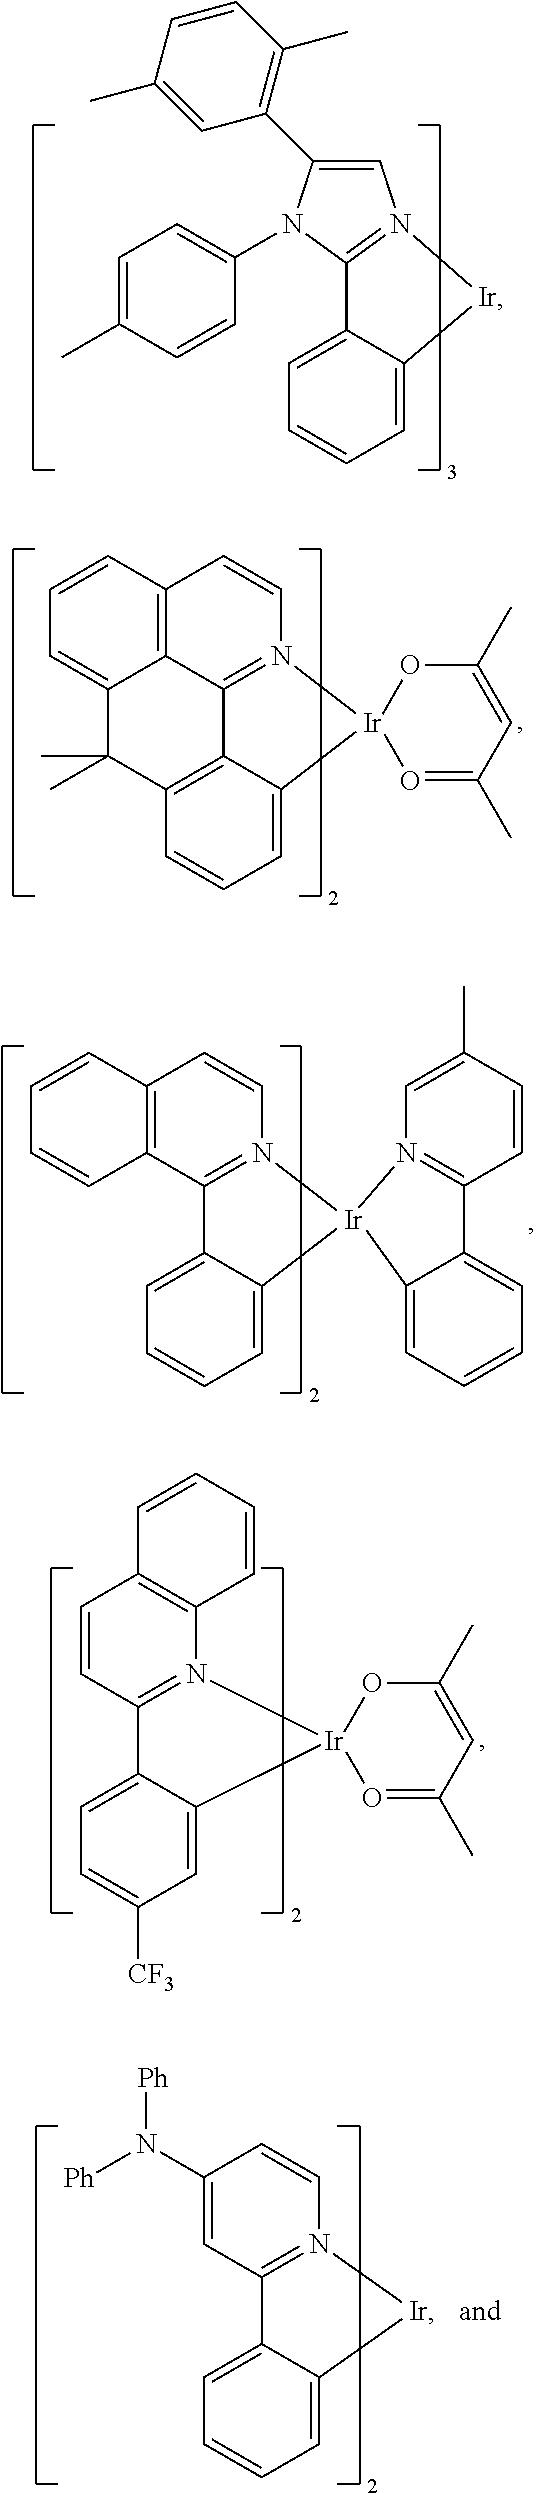 Figure US09978956-20180522-C00091